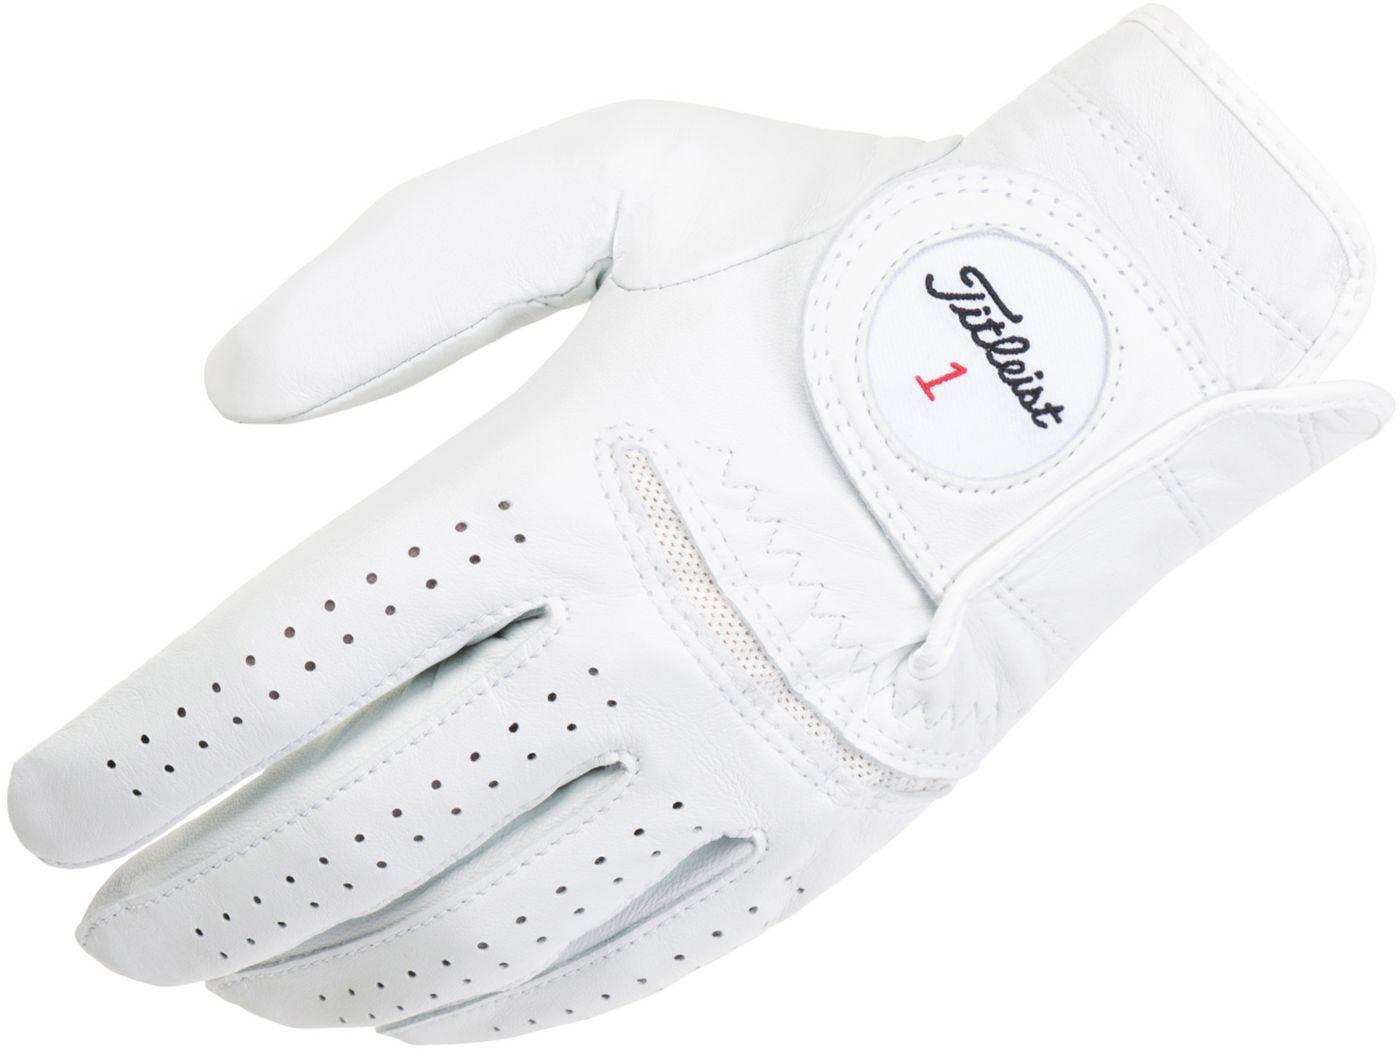 Titleist 2019 Perma Soft Golf Gloves